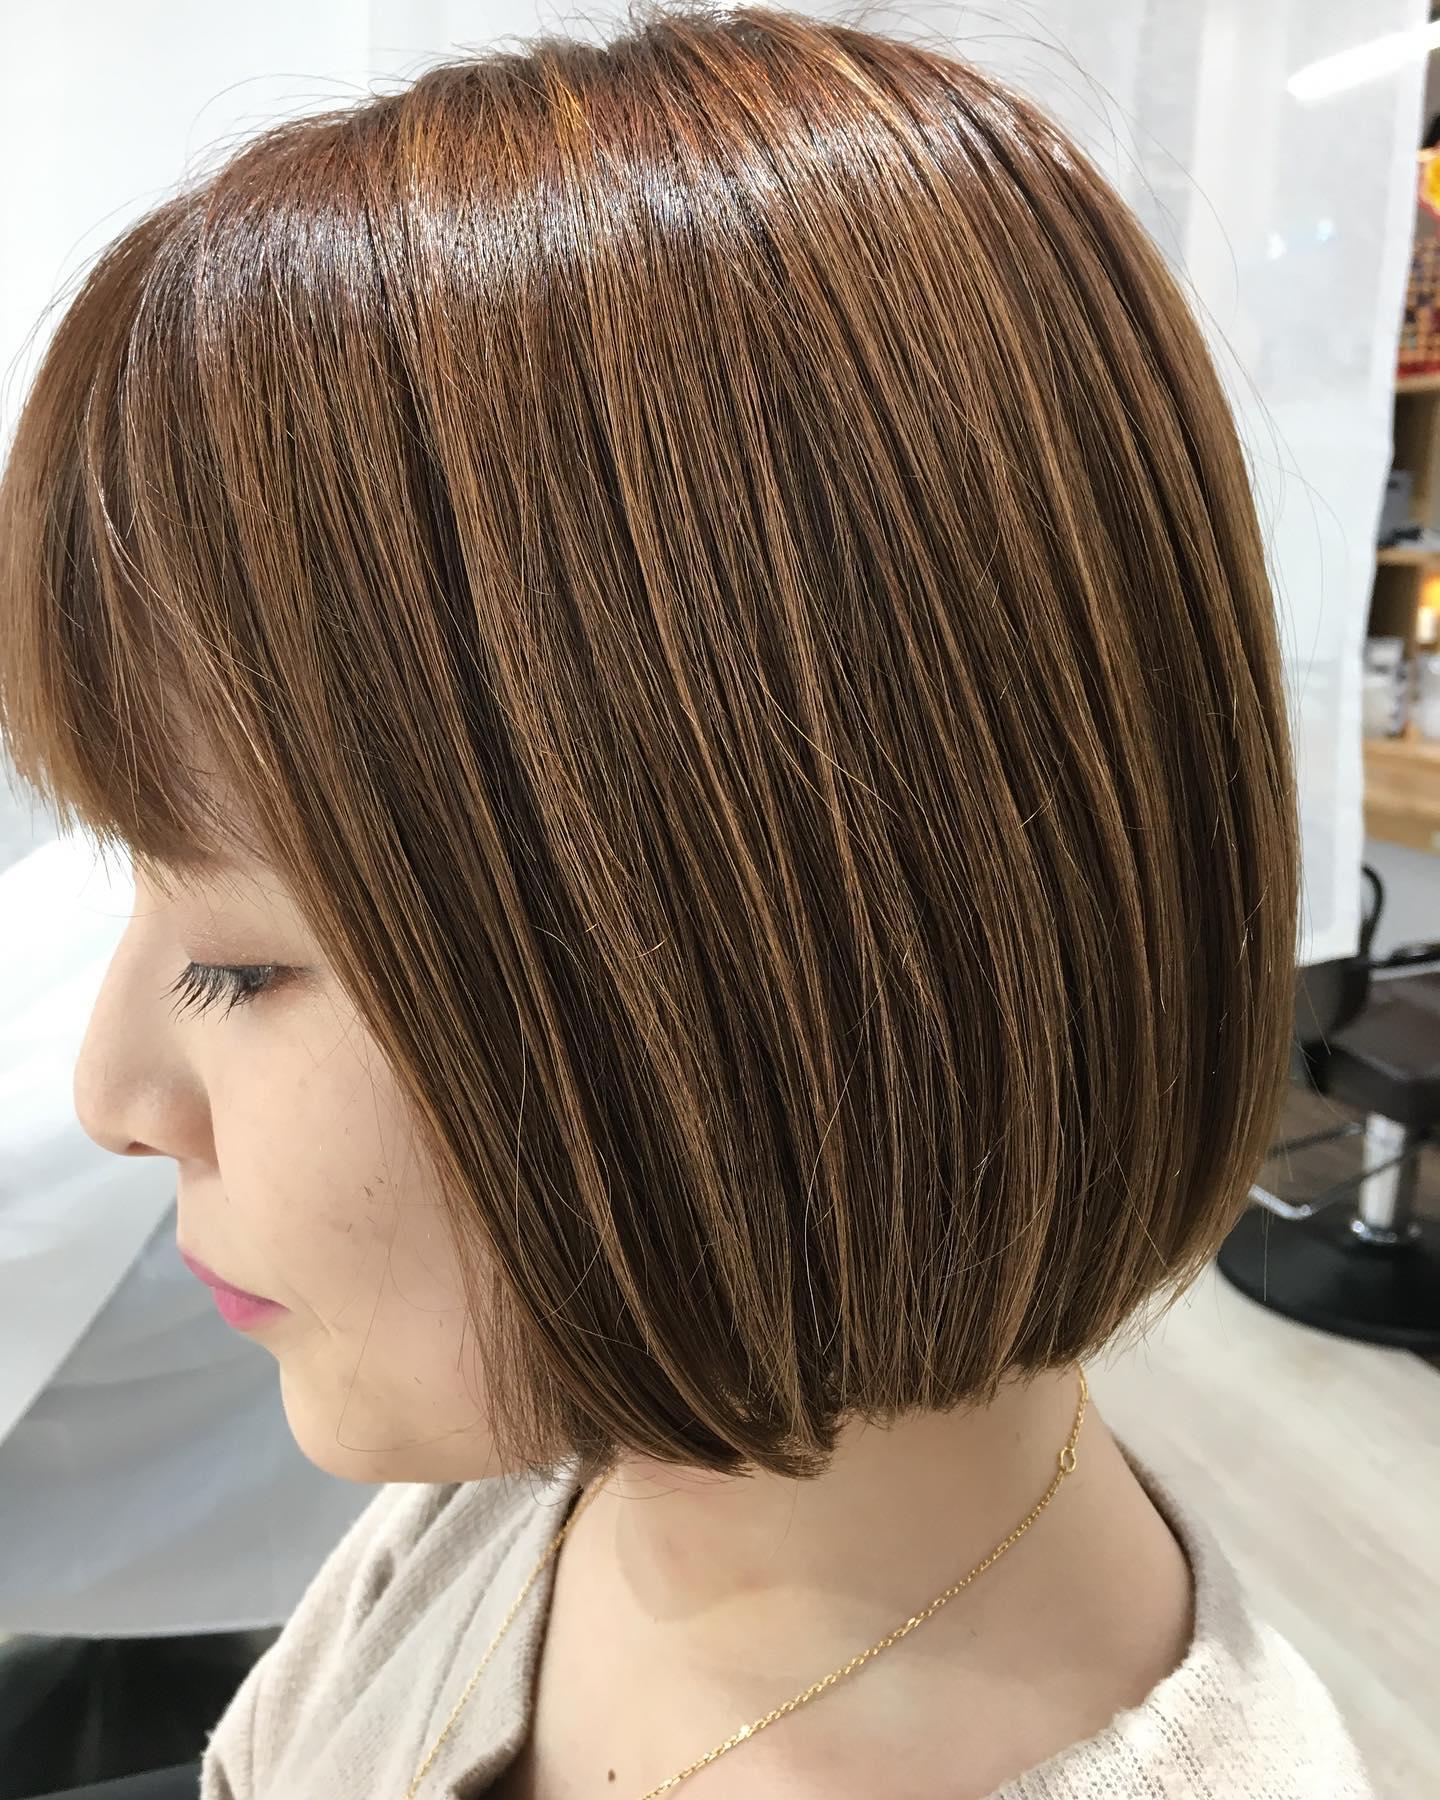 平日  10:00〜20:00lastcut 18:30 other 18:00土日祝  9:00〜19:00lastcut 18:00 other 17:00close  wednesdayhttp://www.totti-hd.comツヤサラでノンストレス子供と一緒でもゆっくりしていただけます️いつまでも綺麗なママで#totti #hair #color #perm #cut #hairstyle #haircolor #hairarrange #stylist #care #carelist #aujua #イルミナカラー #headspa #treatment #美容院#着付け